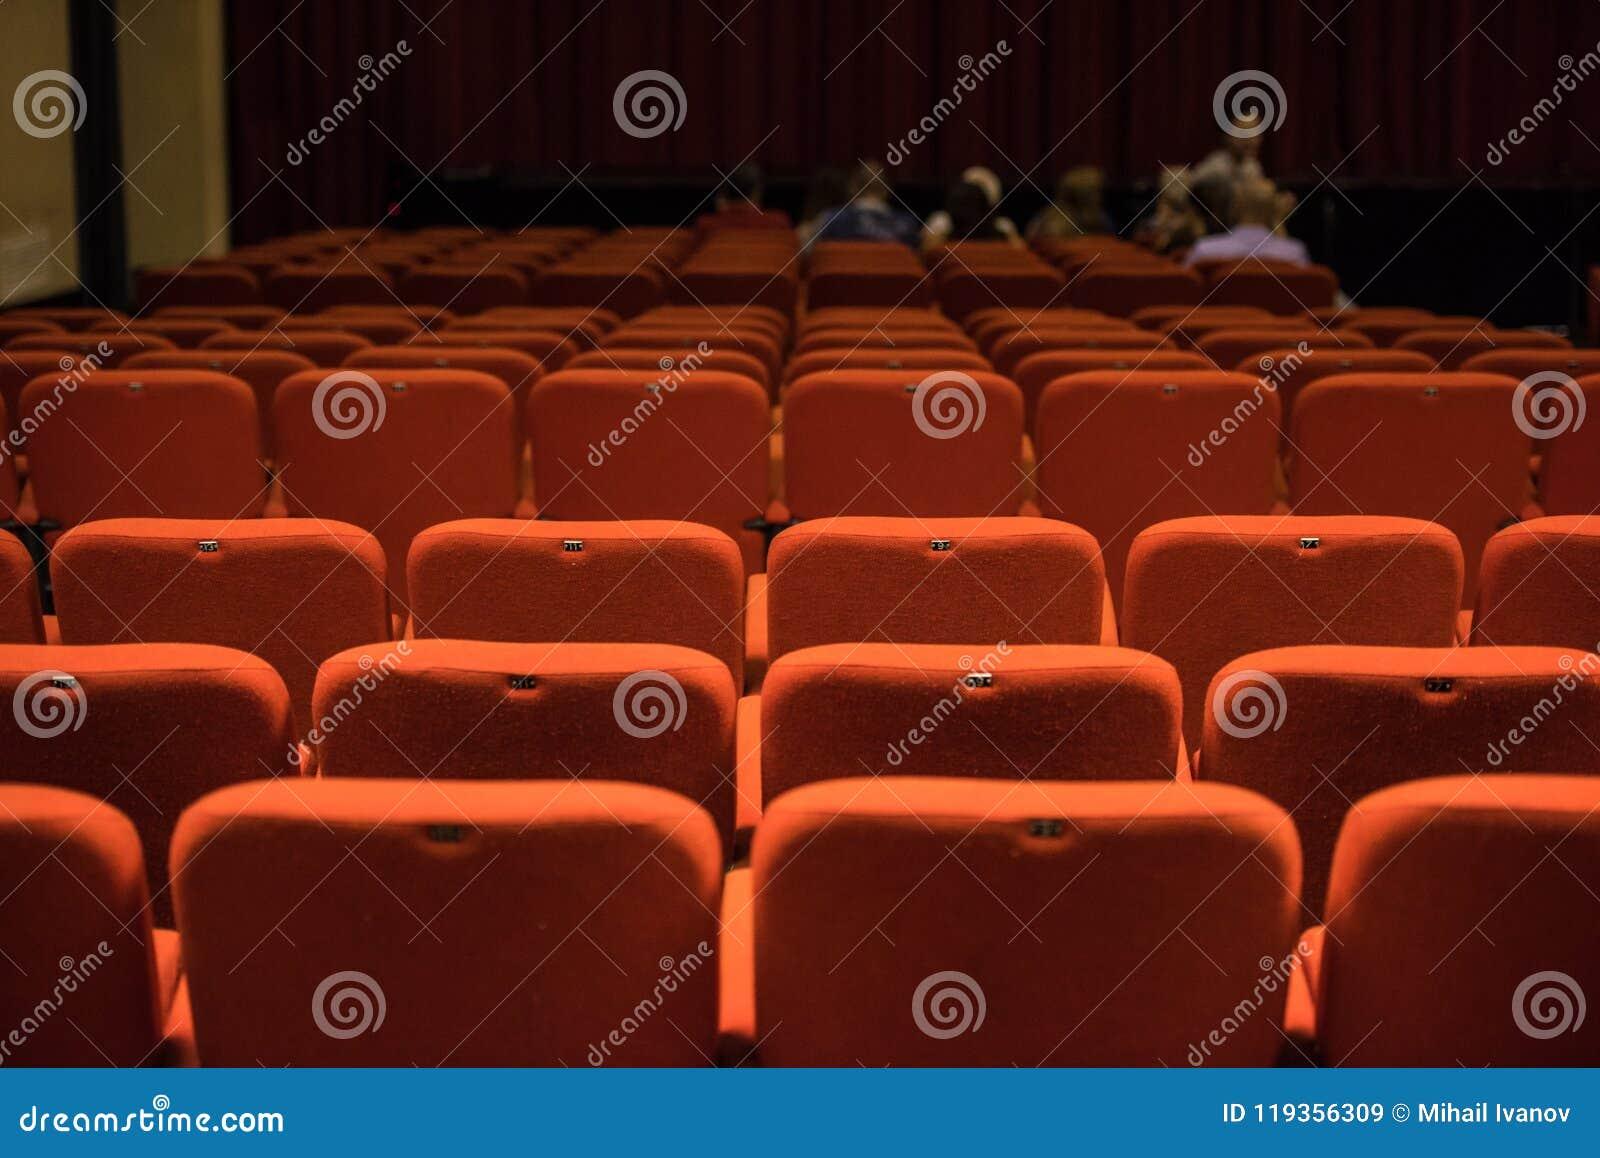 Teatro Le Sedie.Sedili Del Teatro E Sedie Rosse Dentro Immagine Stock